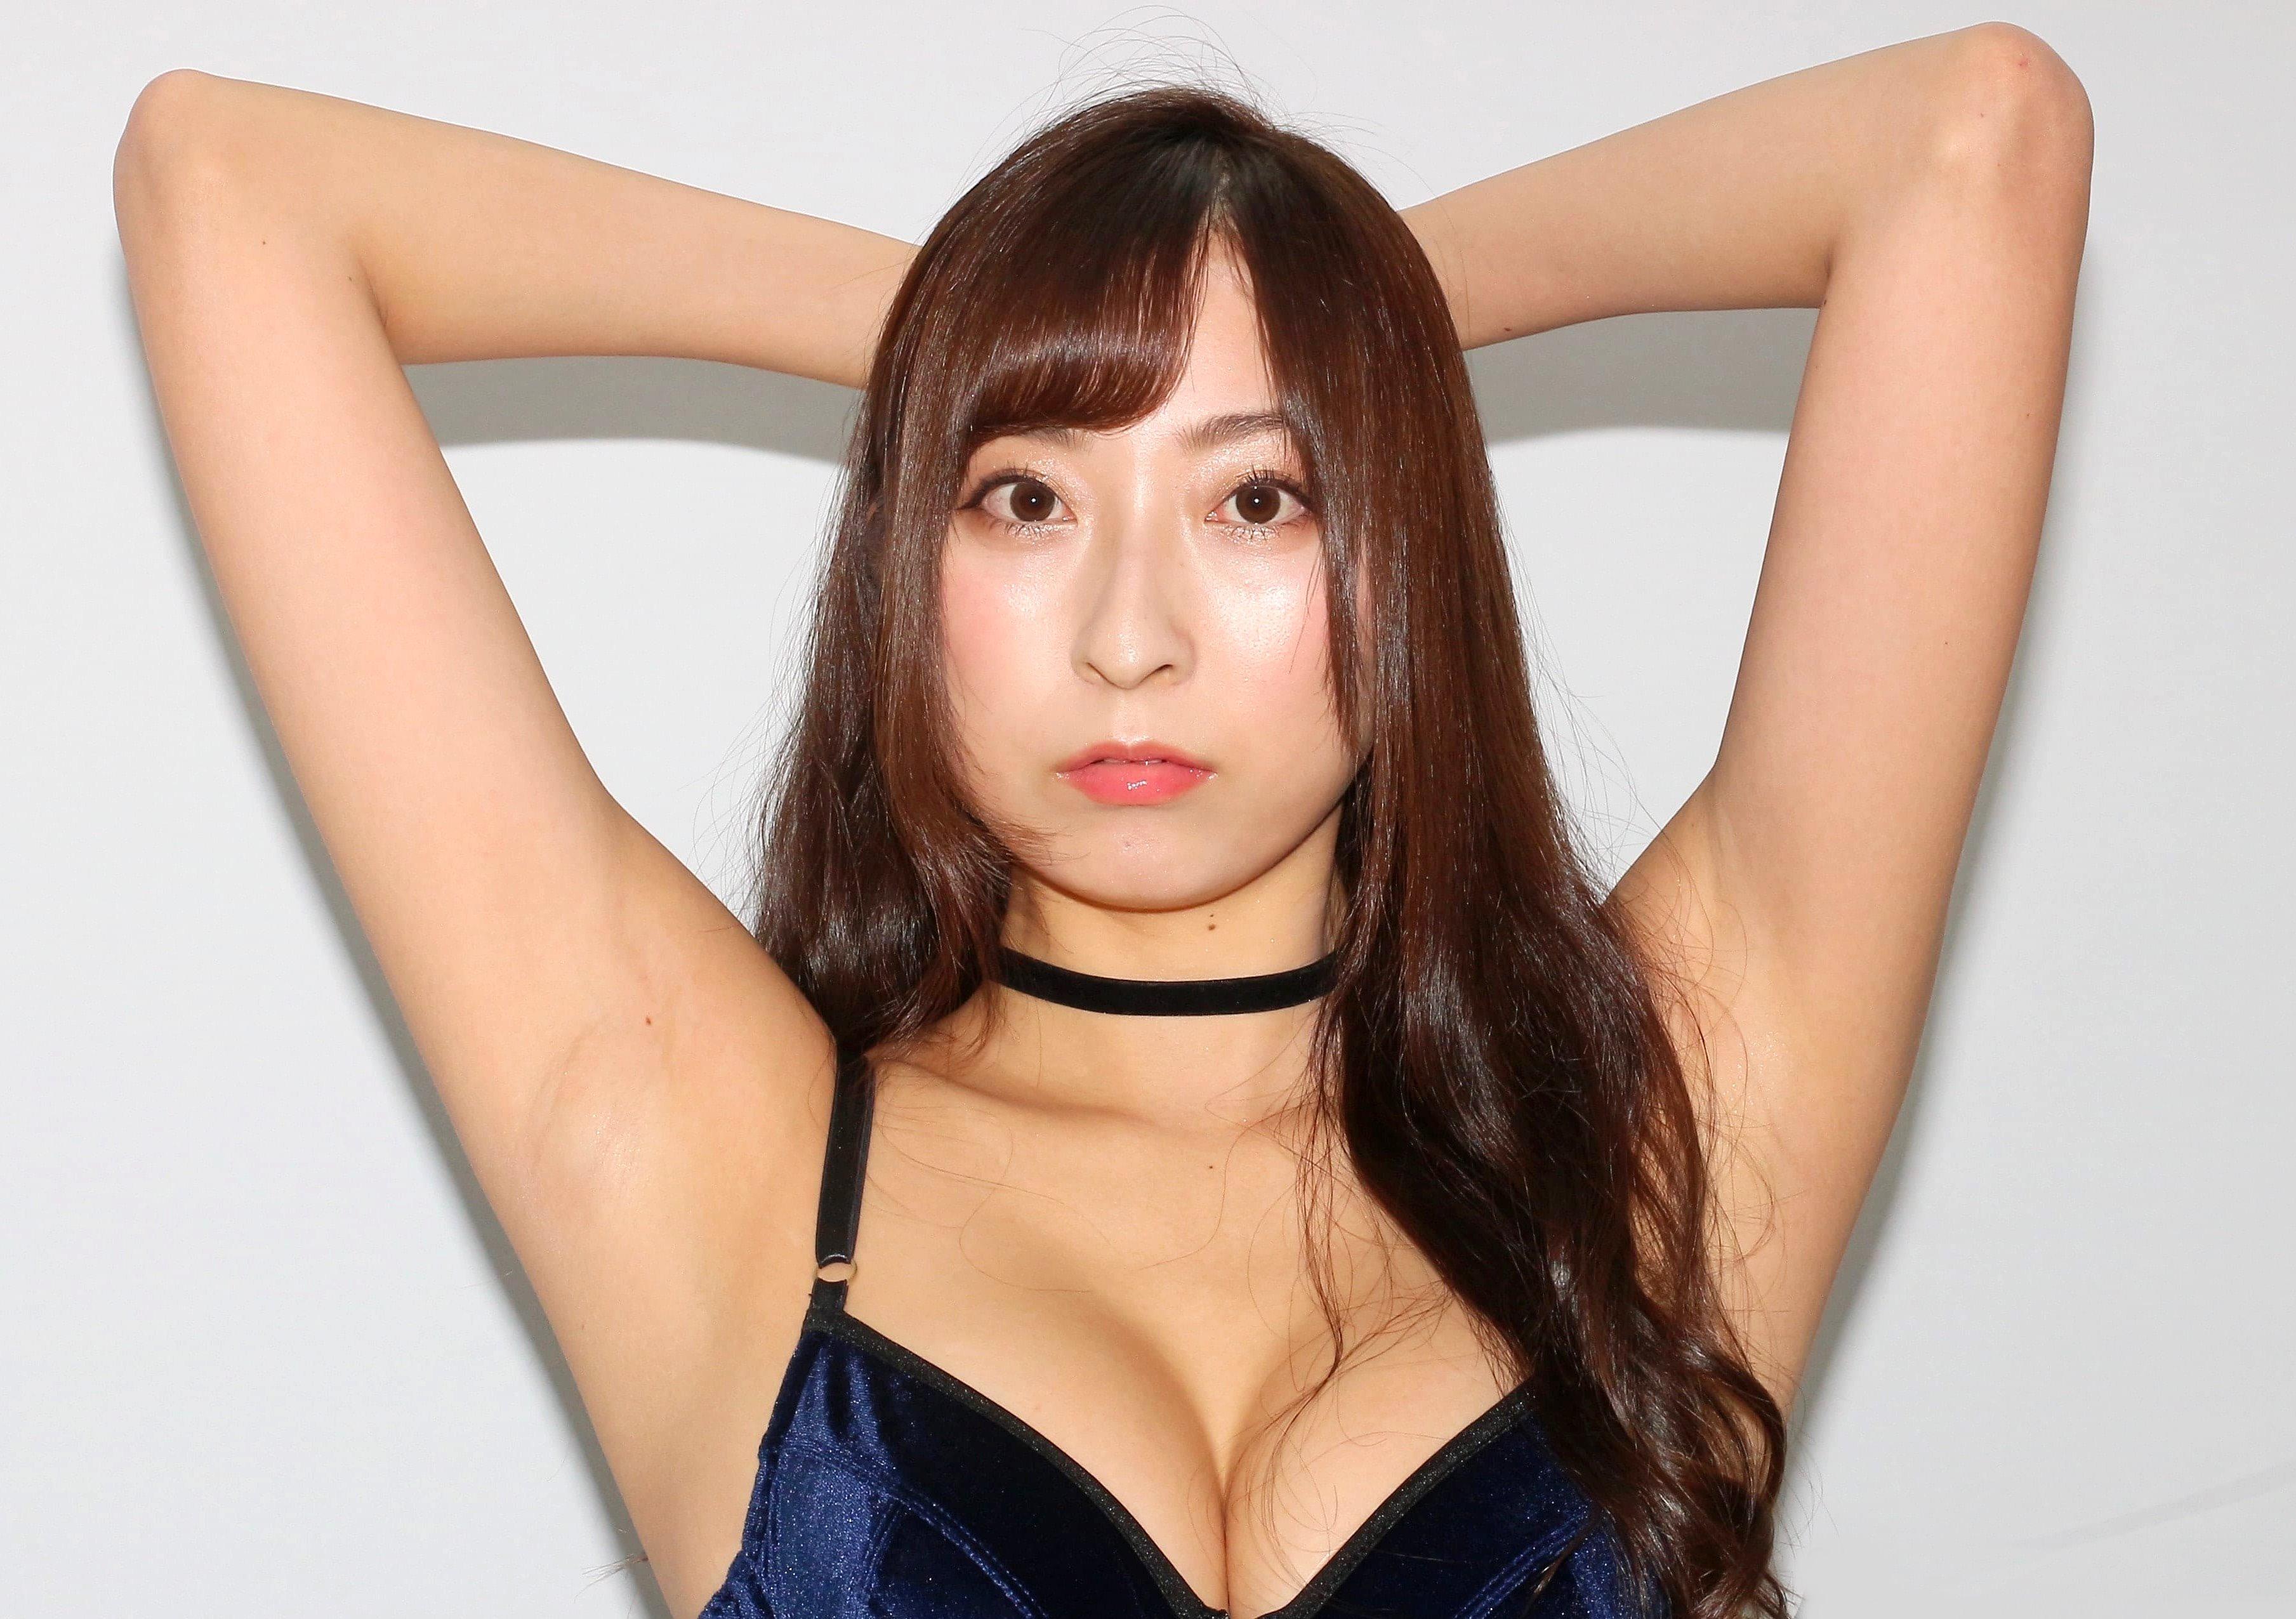 緒方咲のツルスベ美腋 (9)